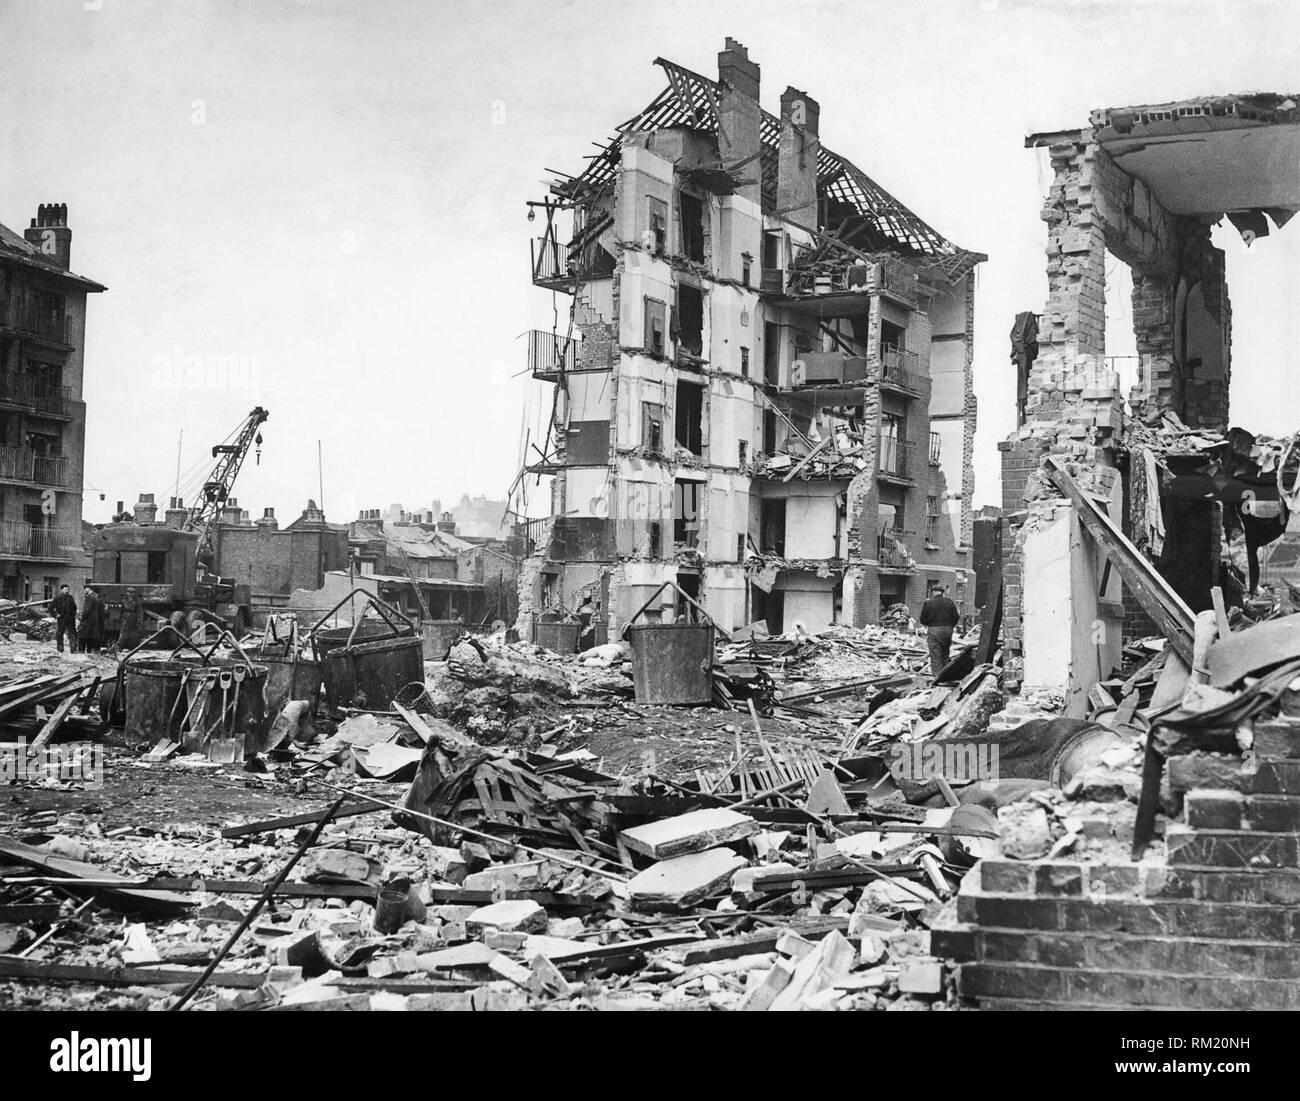 Schäden, die durch V2-Rakete Angriffe in Großbritannien, 1945 zerstörten Wohnungen in Limehouse, East London. Hughes Villen, Vallance Straße, nach der Explosion der letzten deutschen V2-Rakete auf London, 27. März 1945. Stockfoto